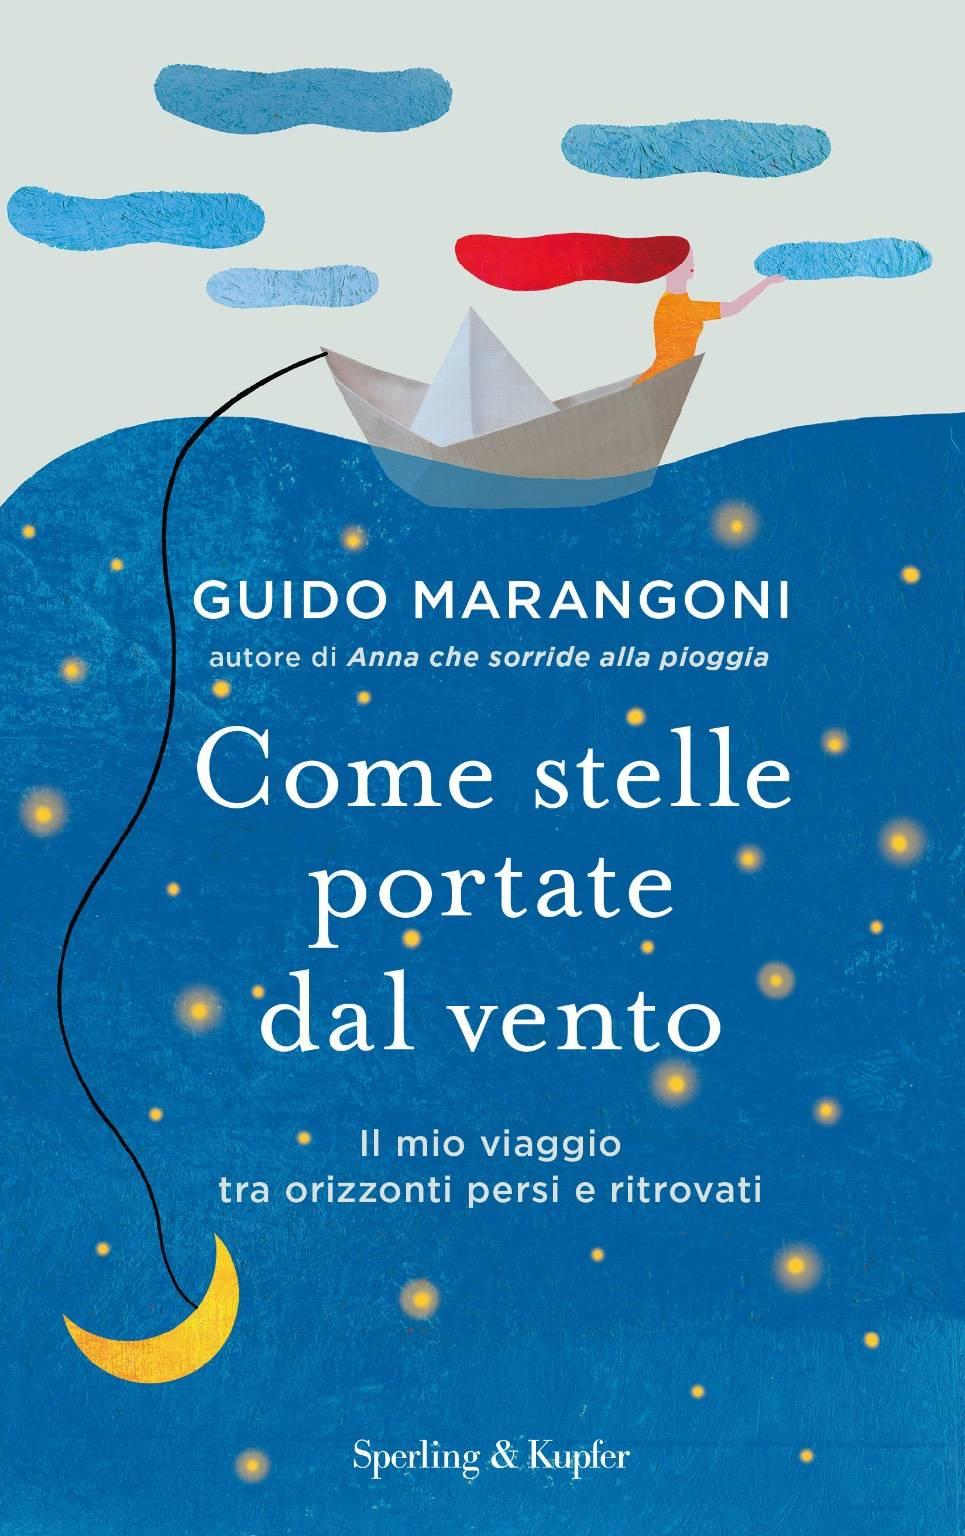 """""""Come stelle portate dal vento"""" libro Guido Marangoni"""